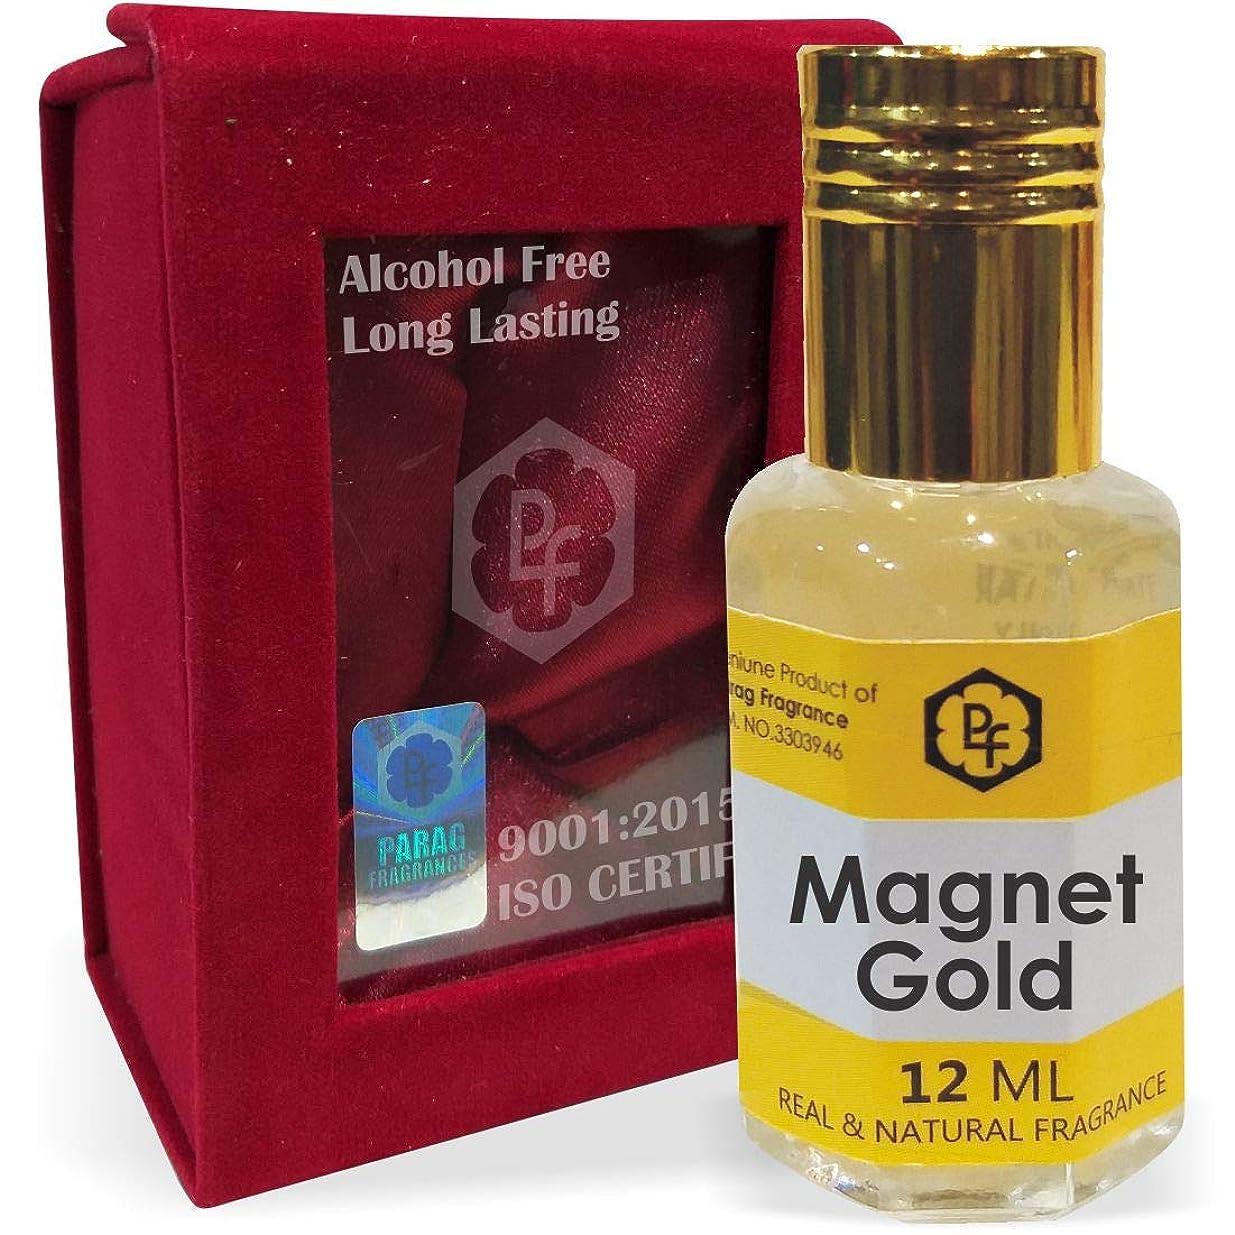 フリース持参ケープ手作りのベルベットボックスParagフレグランスマグネットゴールド12ミリリットルアター/香油/(インドの伝統的なBhapka処理方法により、インド製)フレグランスオイル|アターITRA最高の品質長持ち